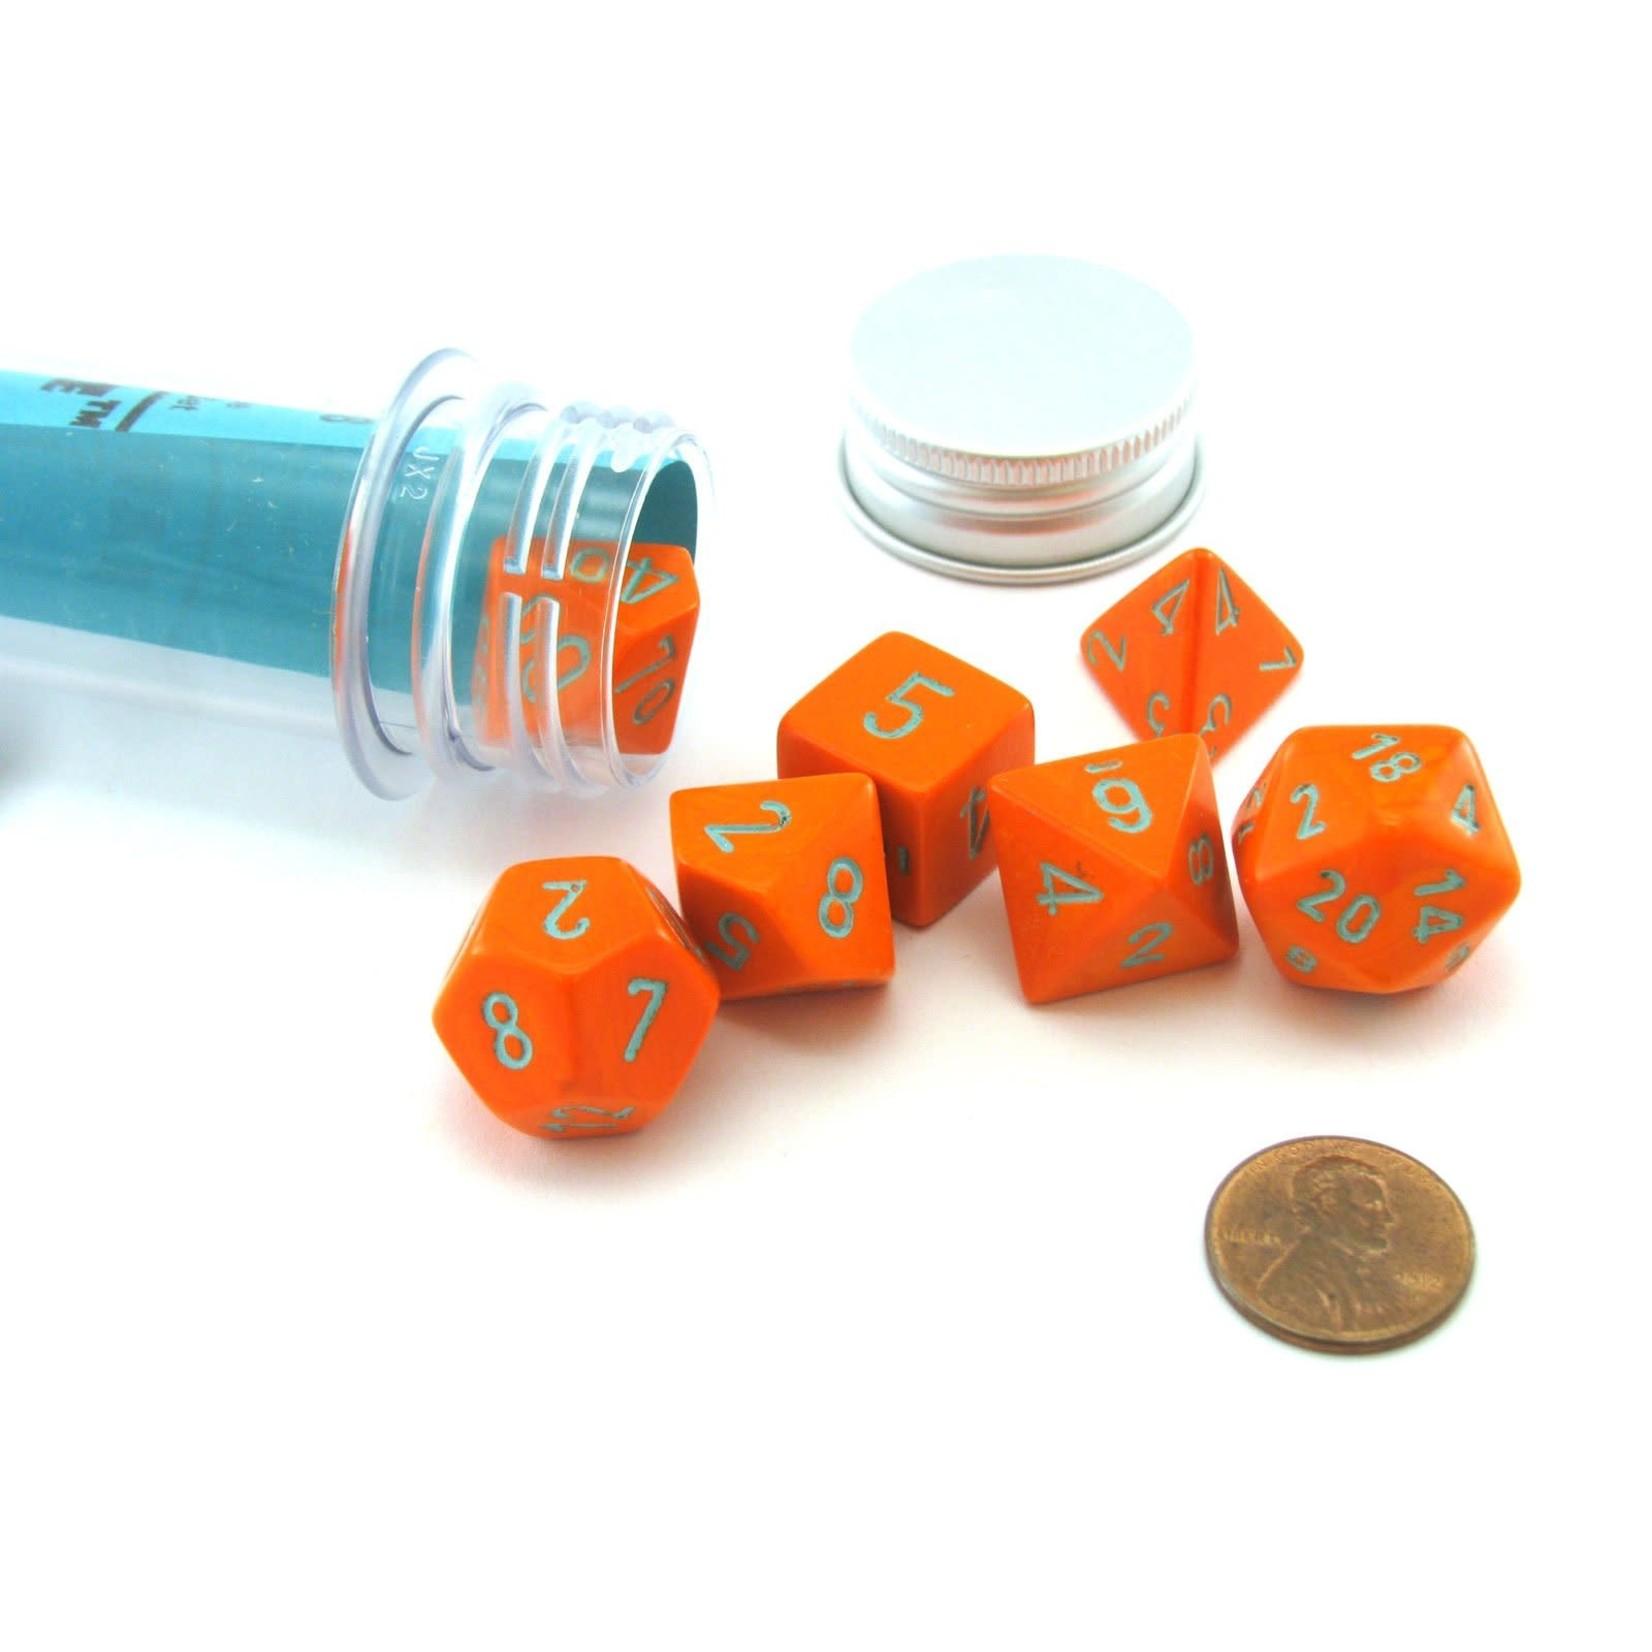 Chessex Chessex 7-Set Dice: Heavy - Orange/Turquoise 30038